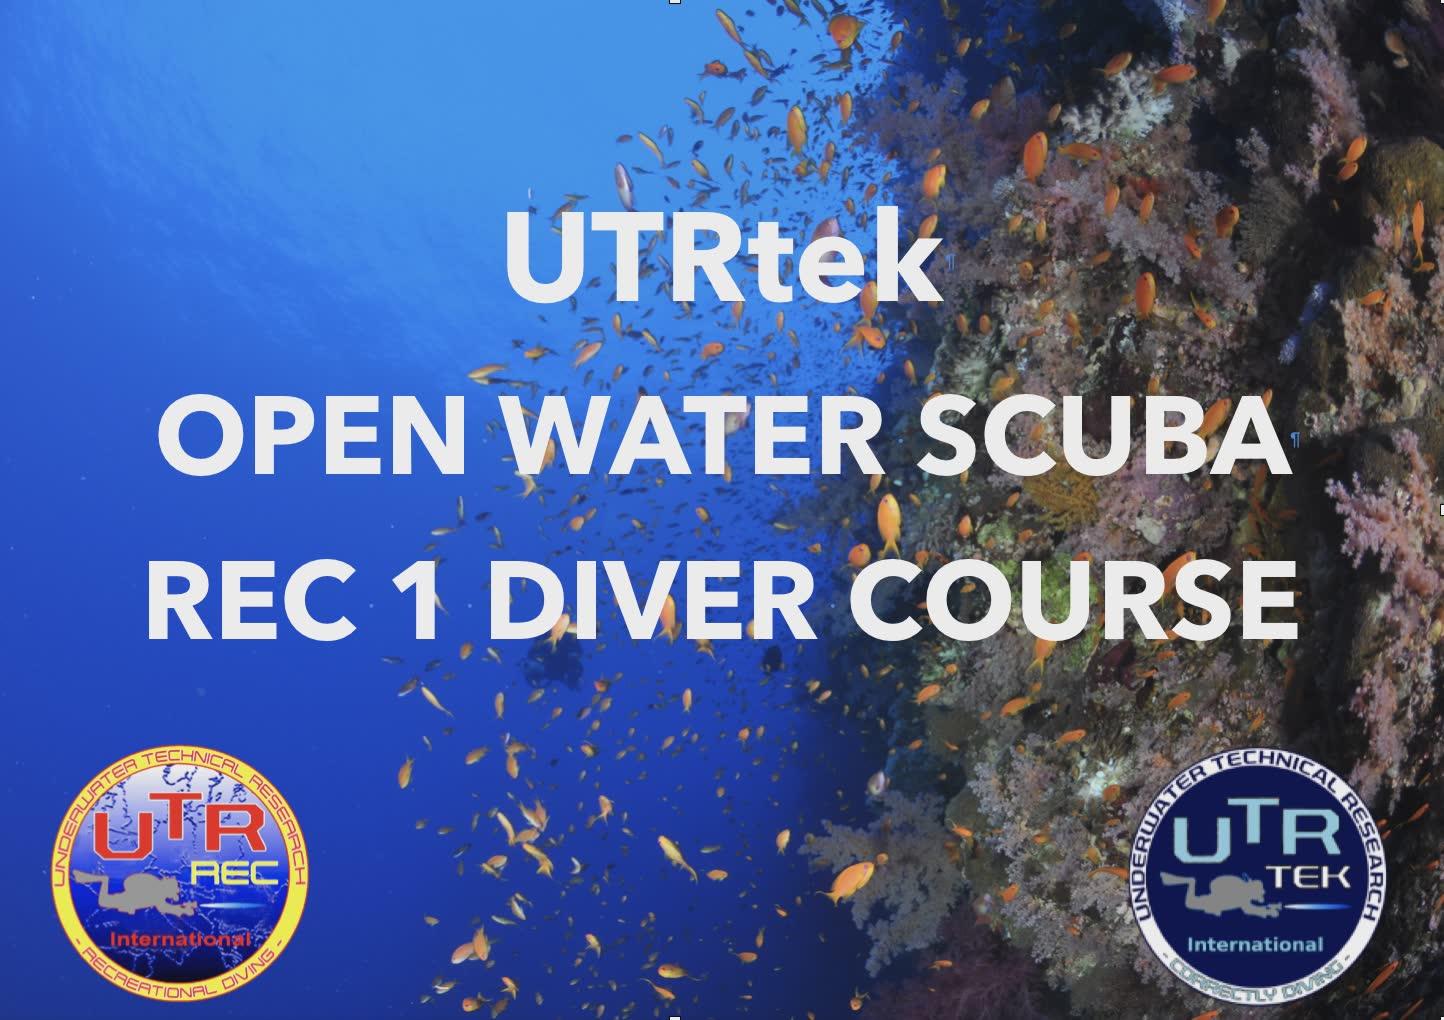 REC 1 - OPEN WATER SCUBA DIVER